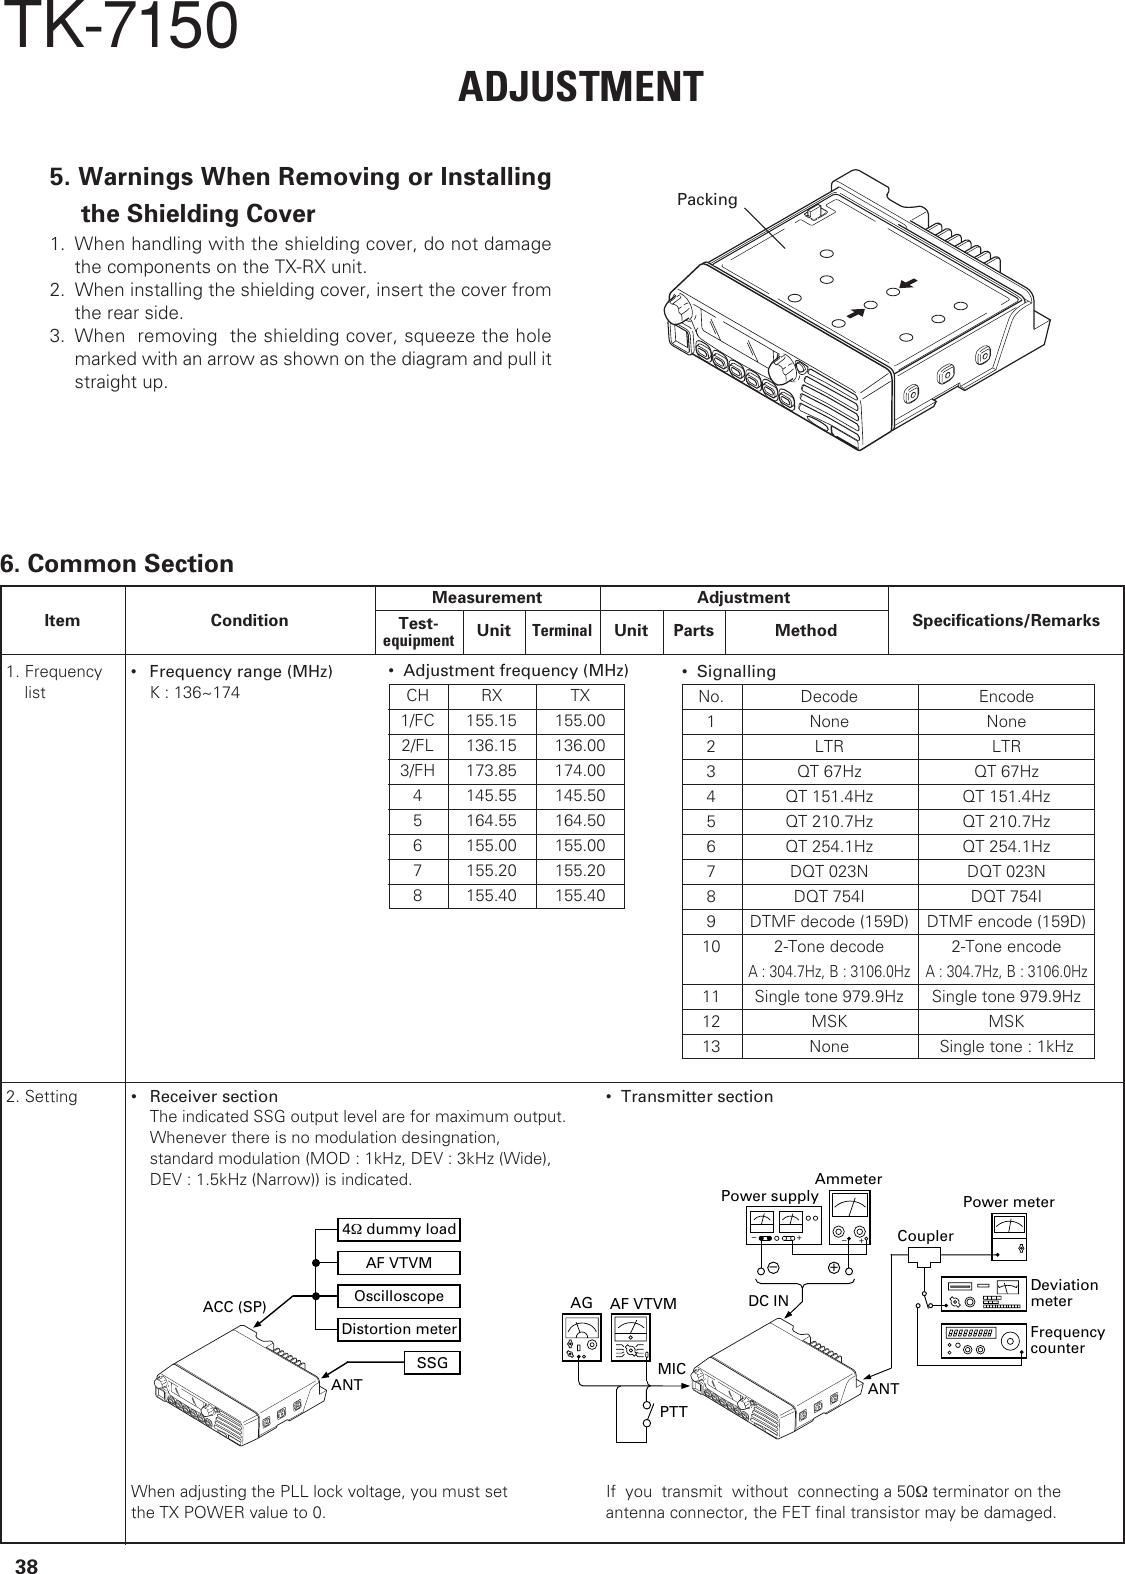 Kenwood Fleetsync Tk 7150 Users Manual 7150(K)